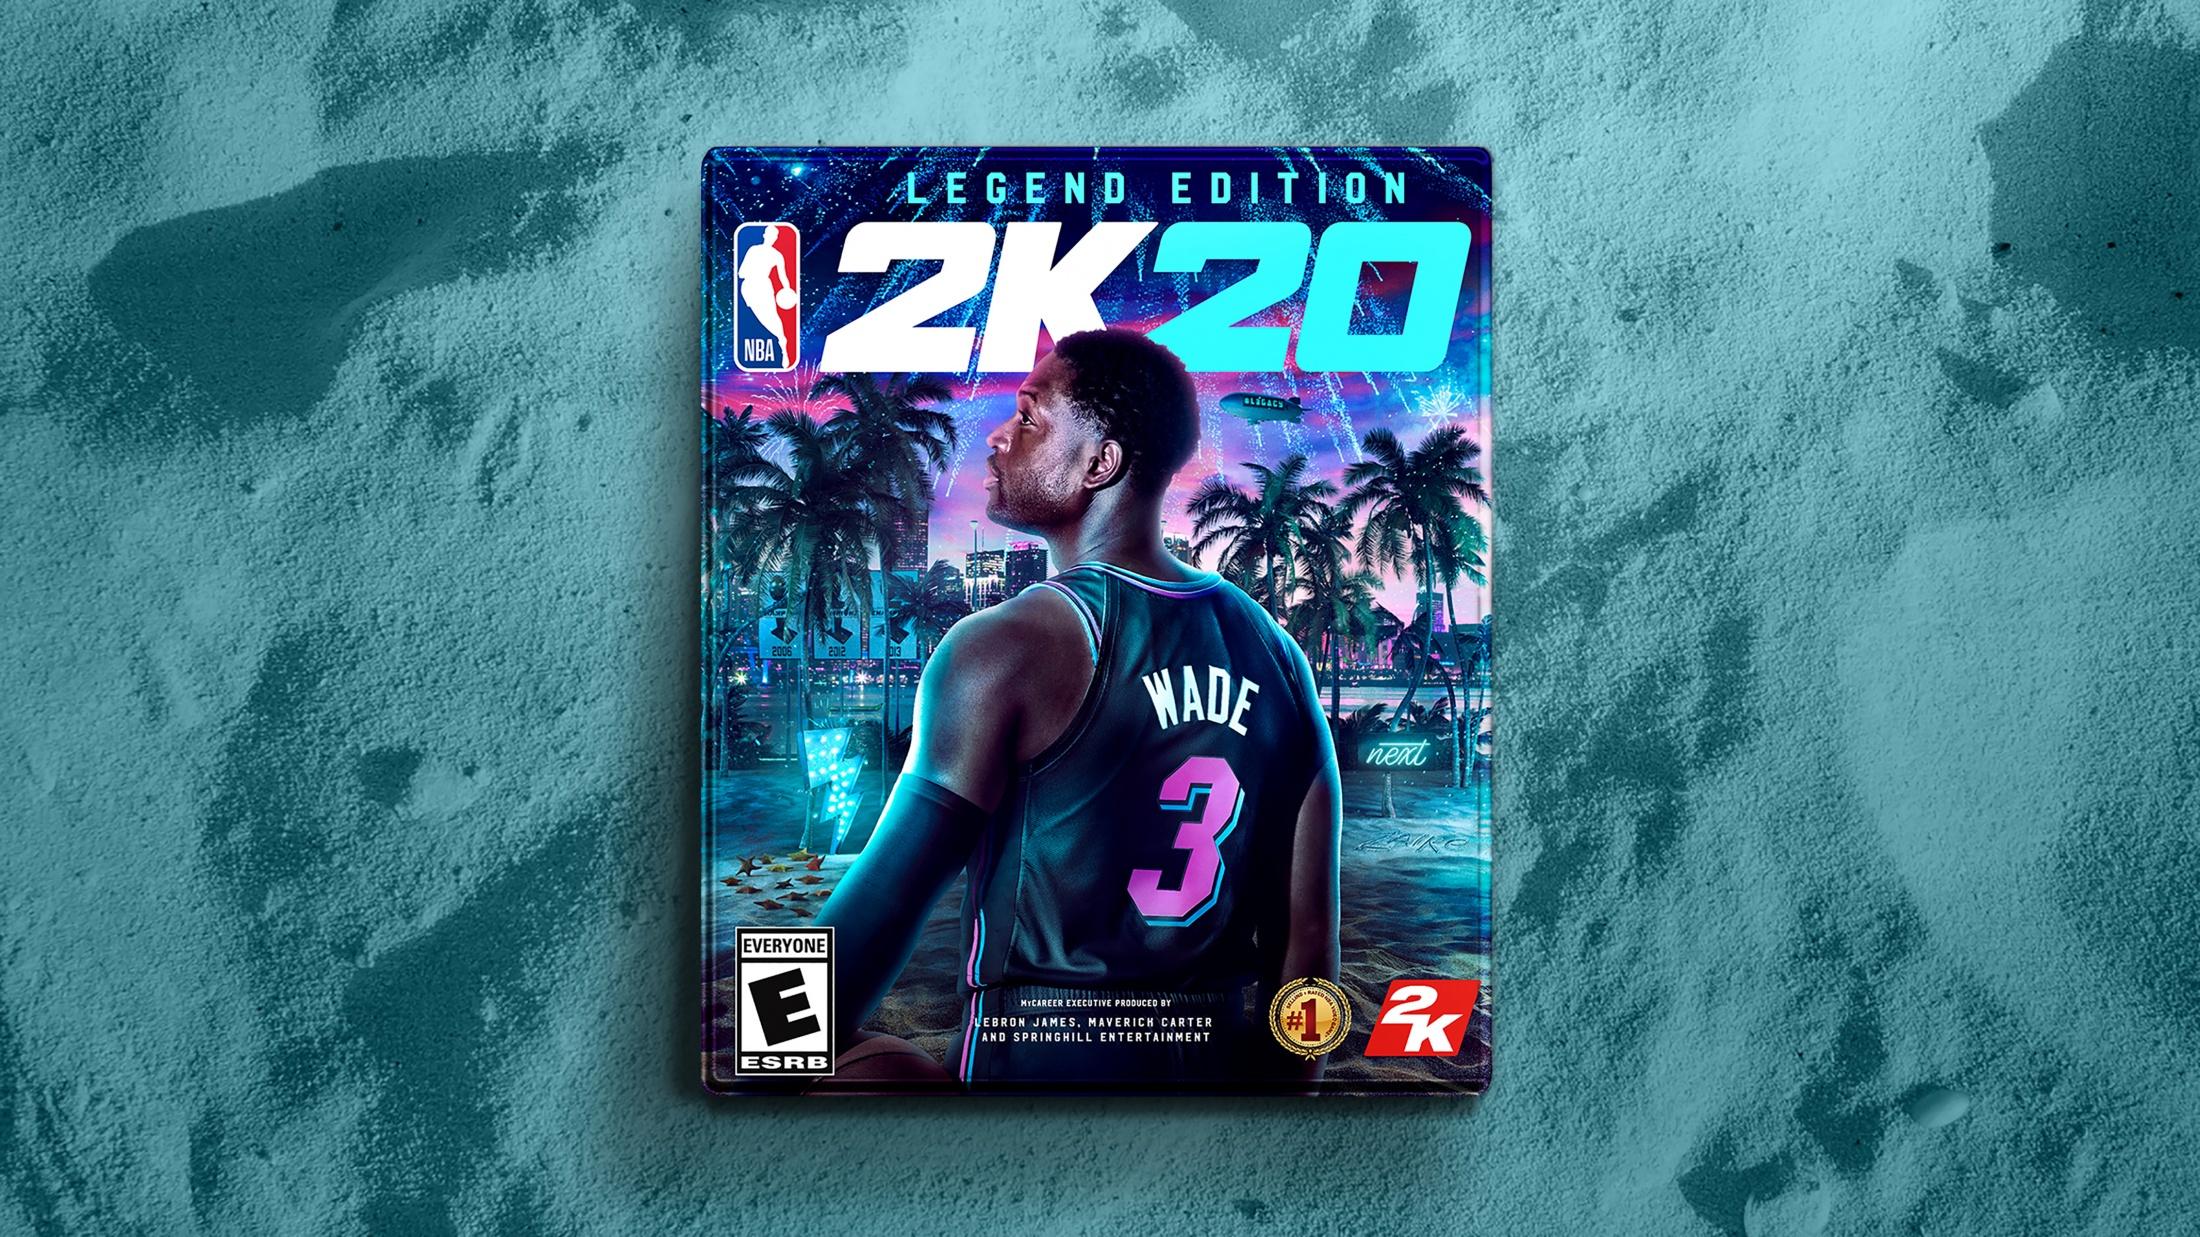 Thumbnail for 2K20 Anthony Davis / Dwyane Wade Cover Art